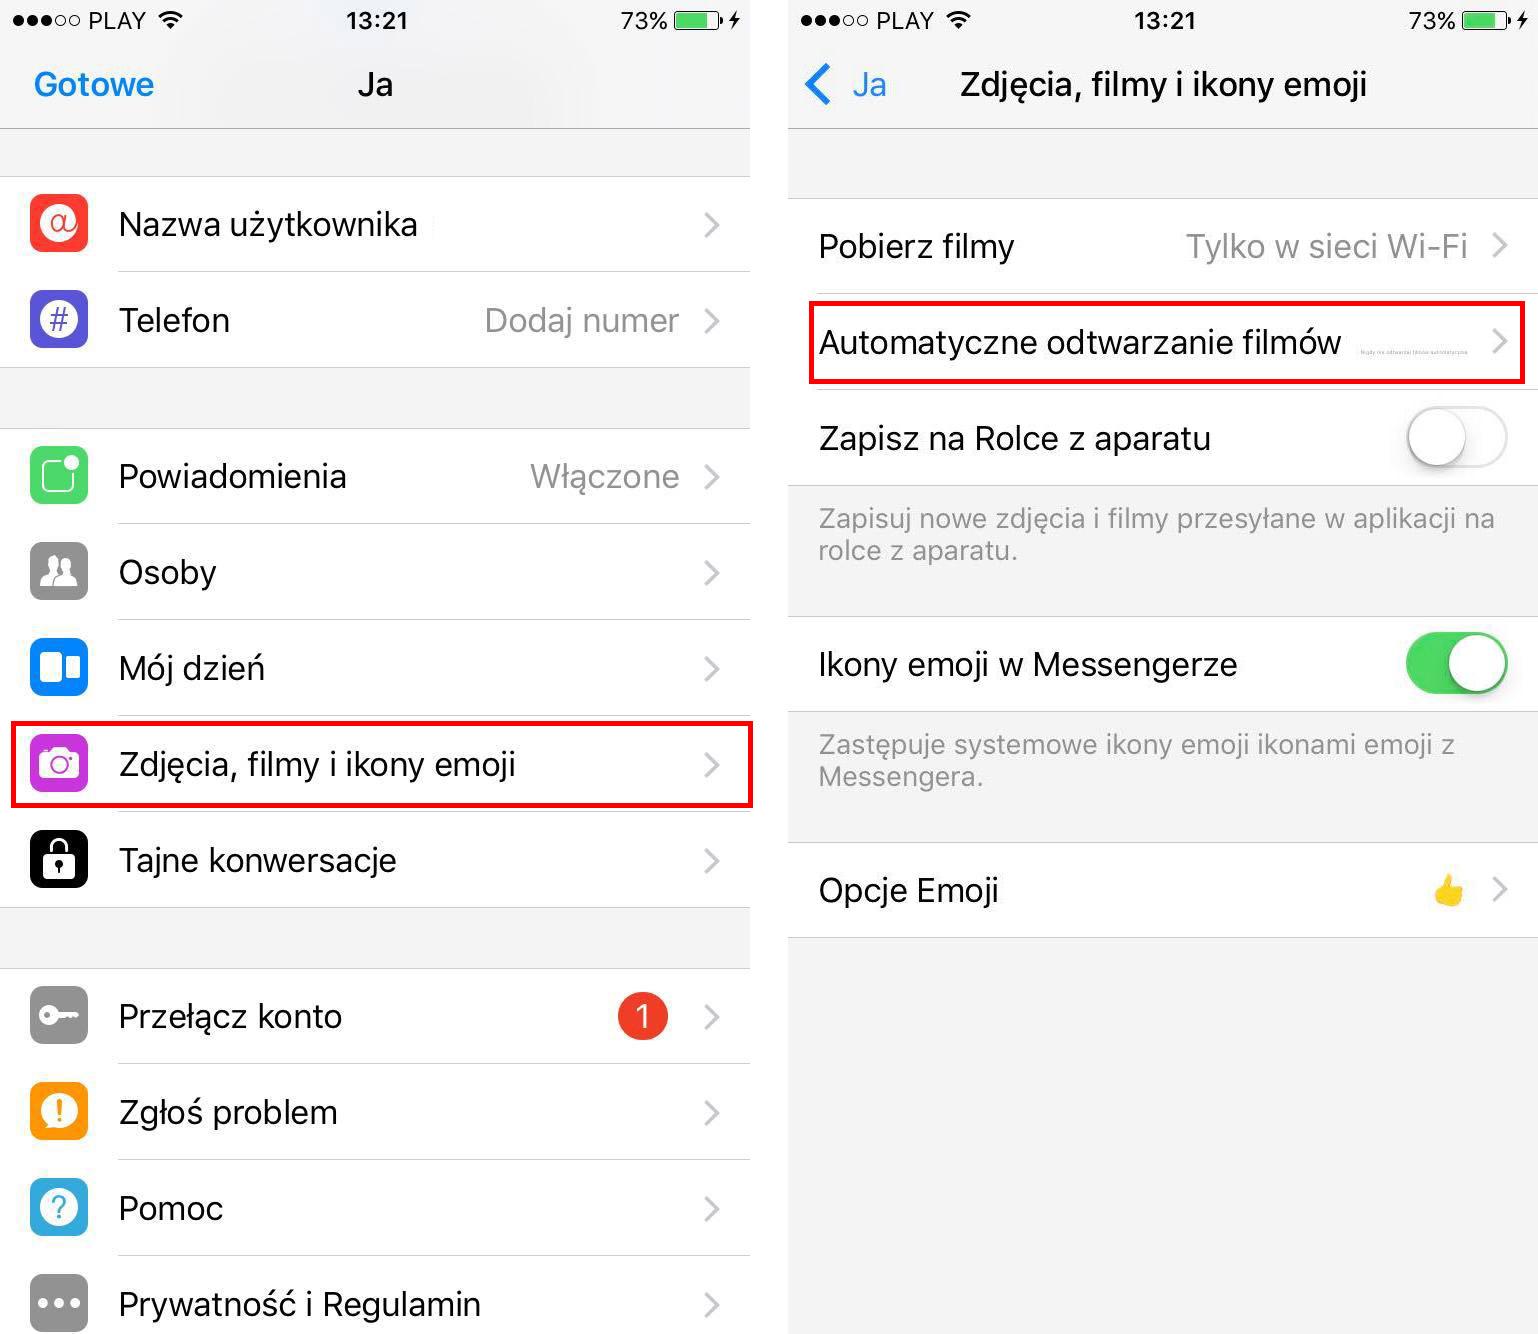 Wyłączanie automatycznego odtwarzania filmów w Messengerze